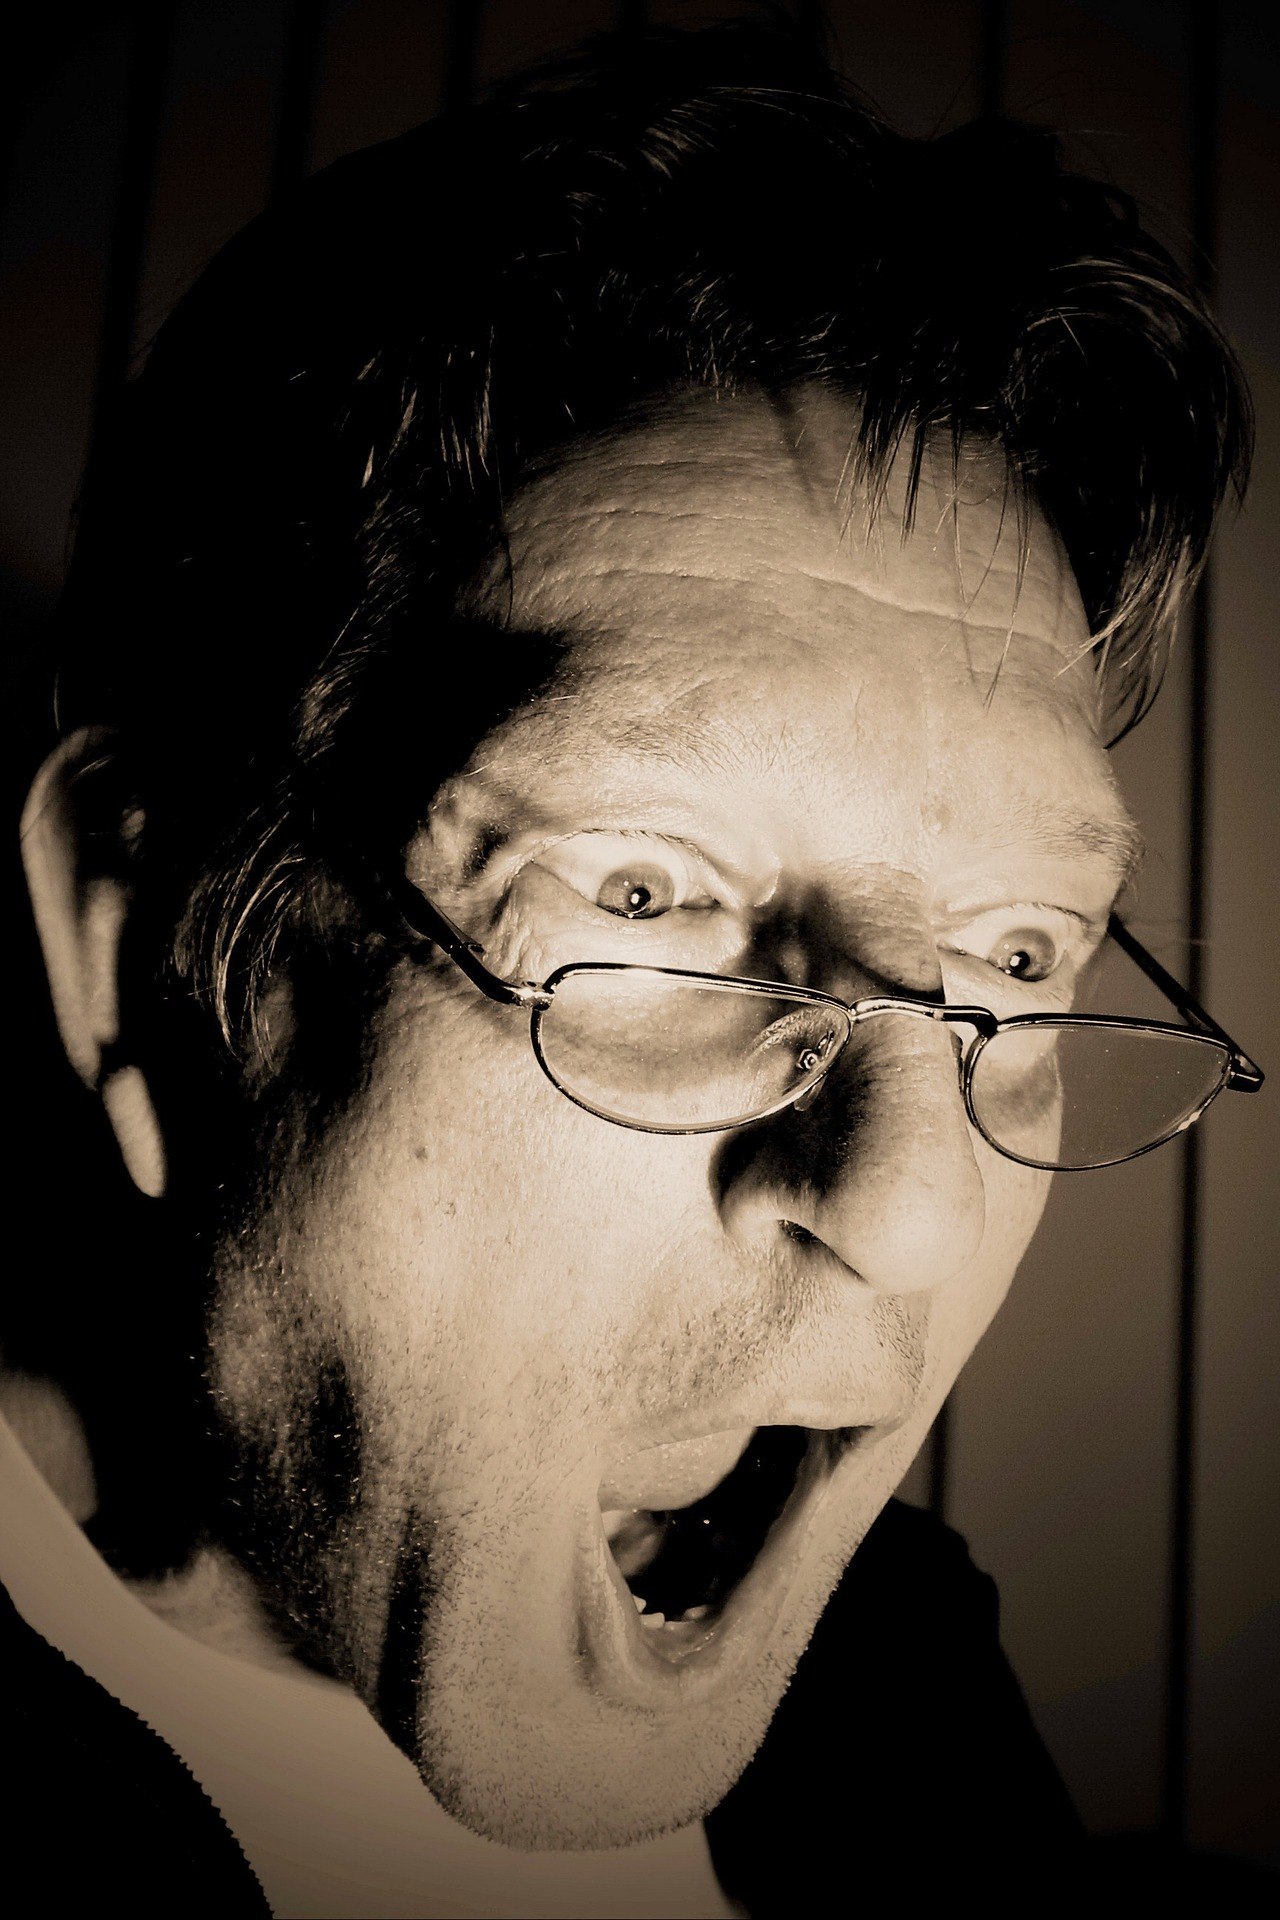 Mężczyzna wpatrzony w coś z okularami na nosie i szeroko otwartą ze zdziwienia buzią